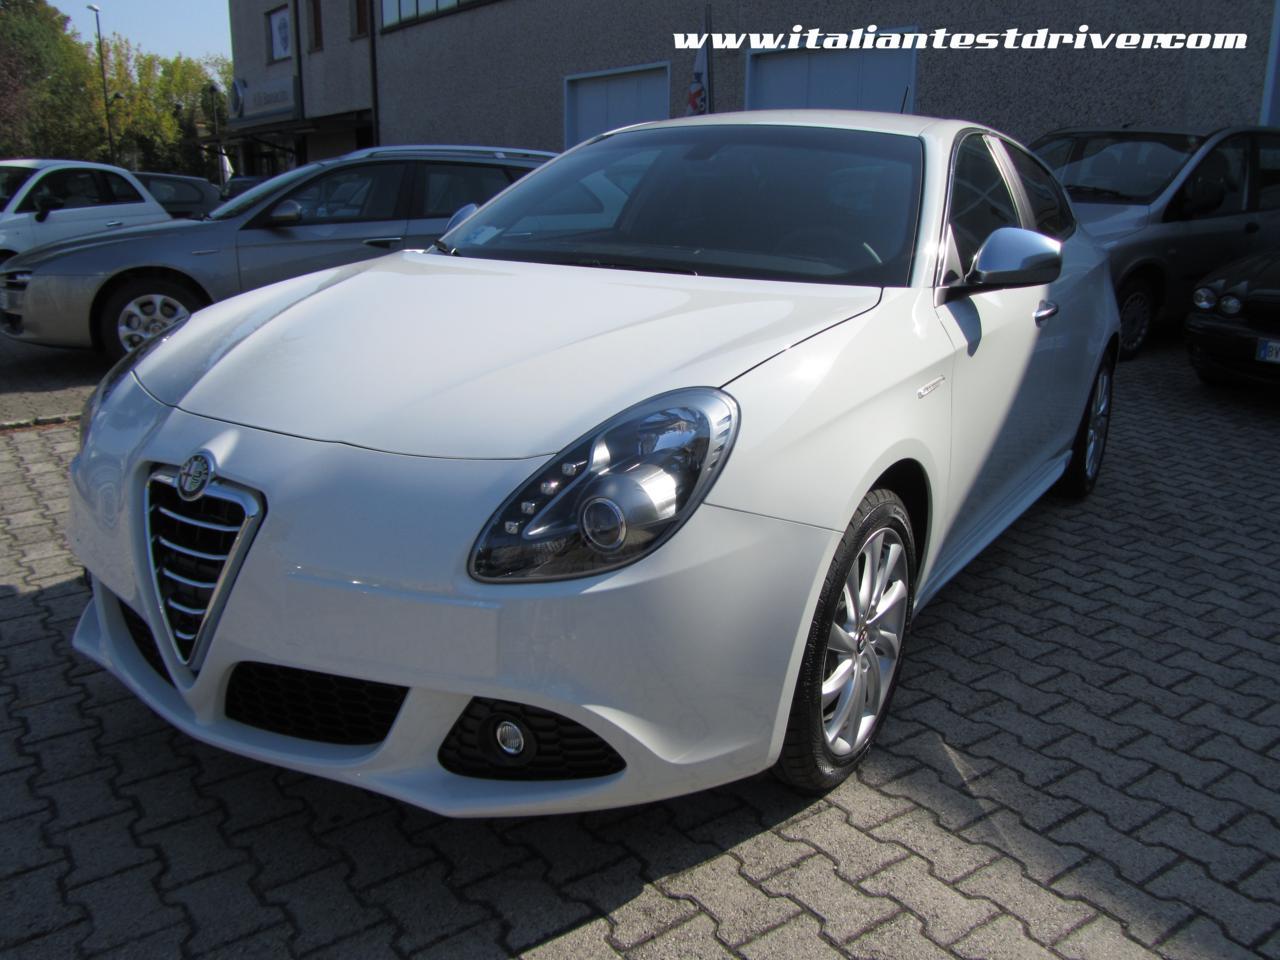 Test drive: Alfa Romeo Giulietta TCT 1.4 TB Multiair 170